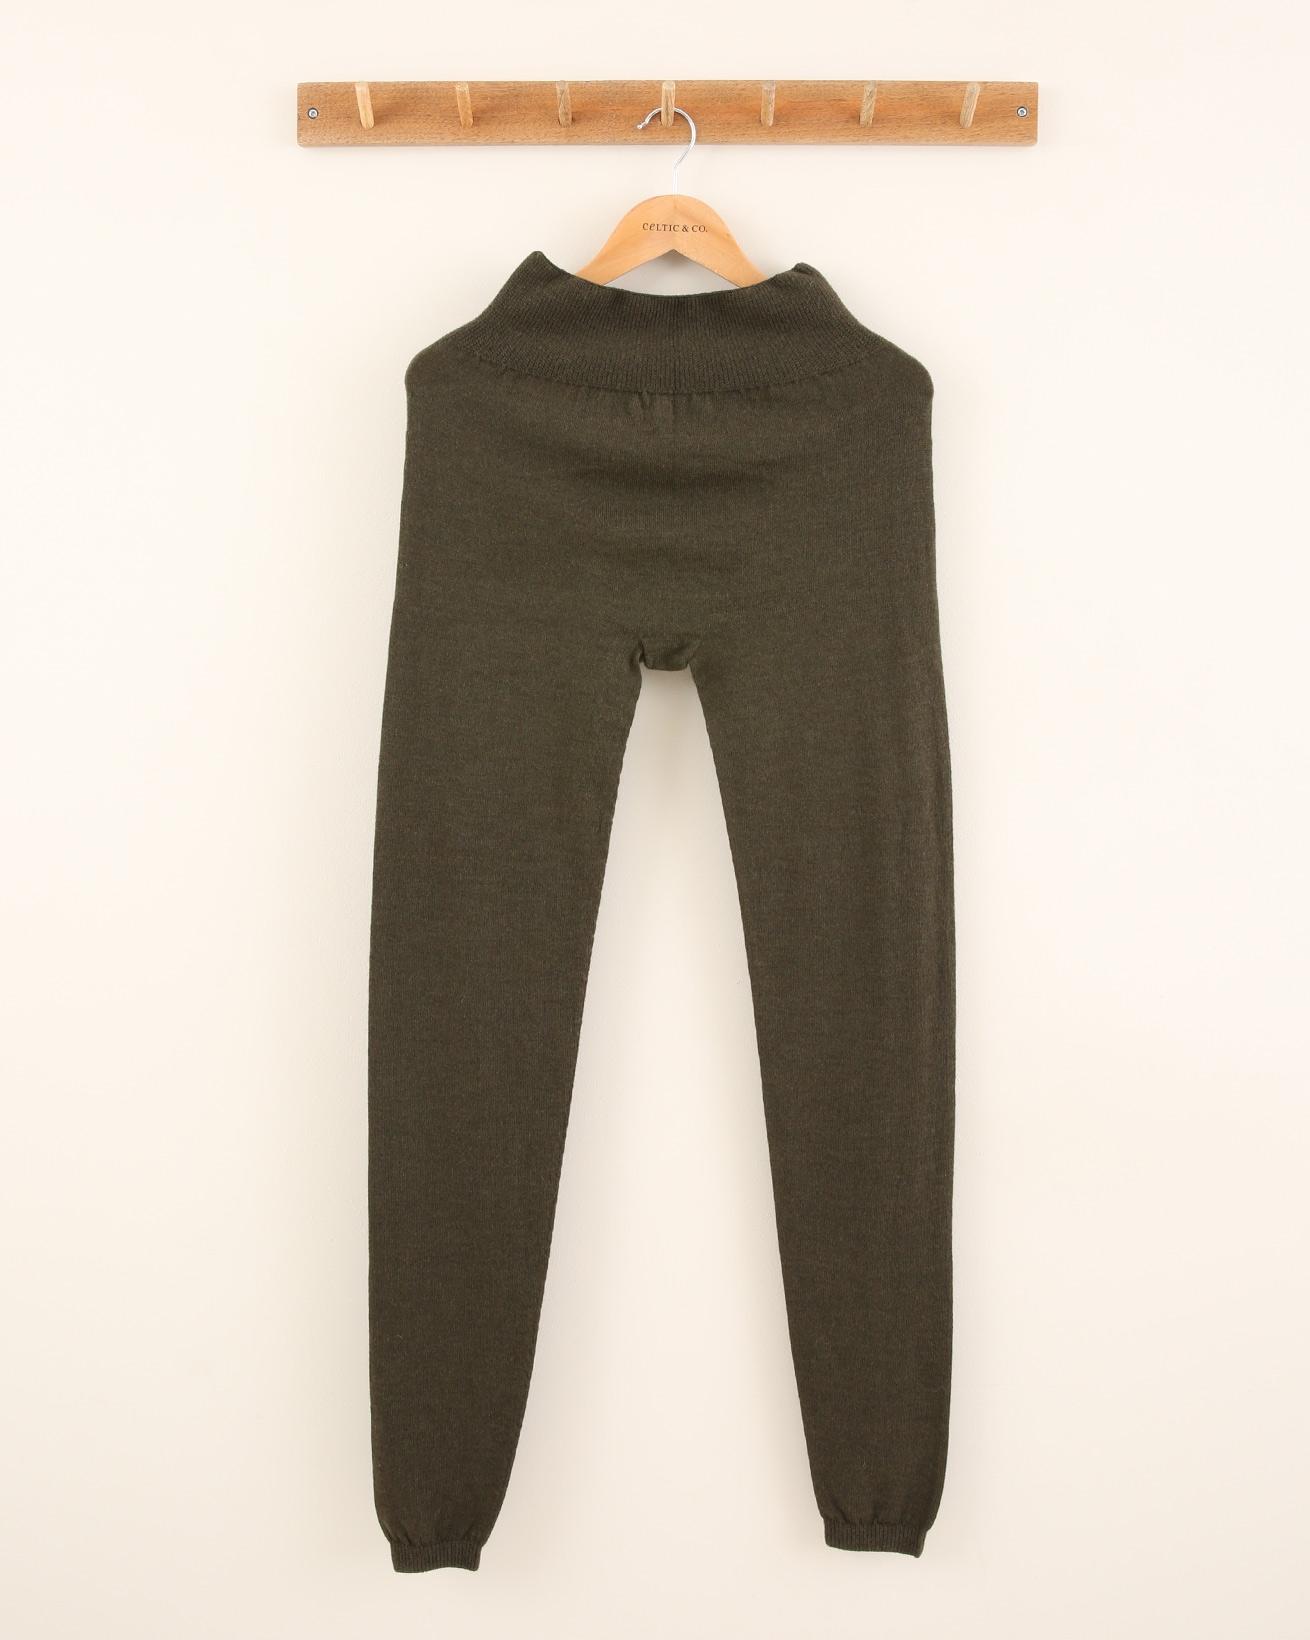 Merino Lounge Pants - Size Small - Khaki - 1850